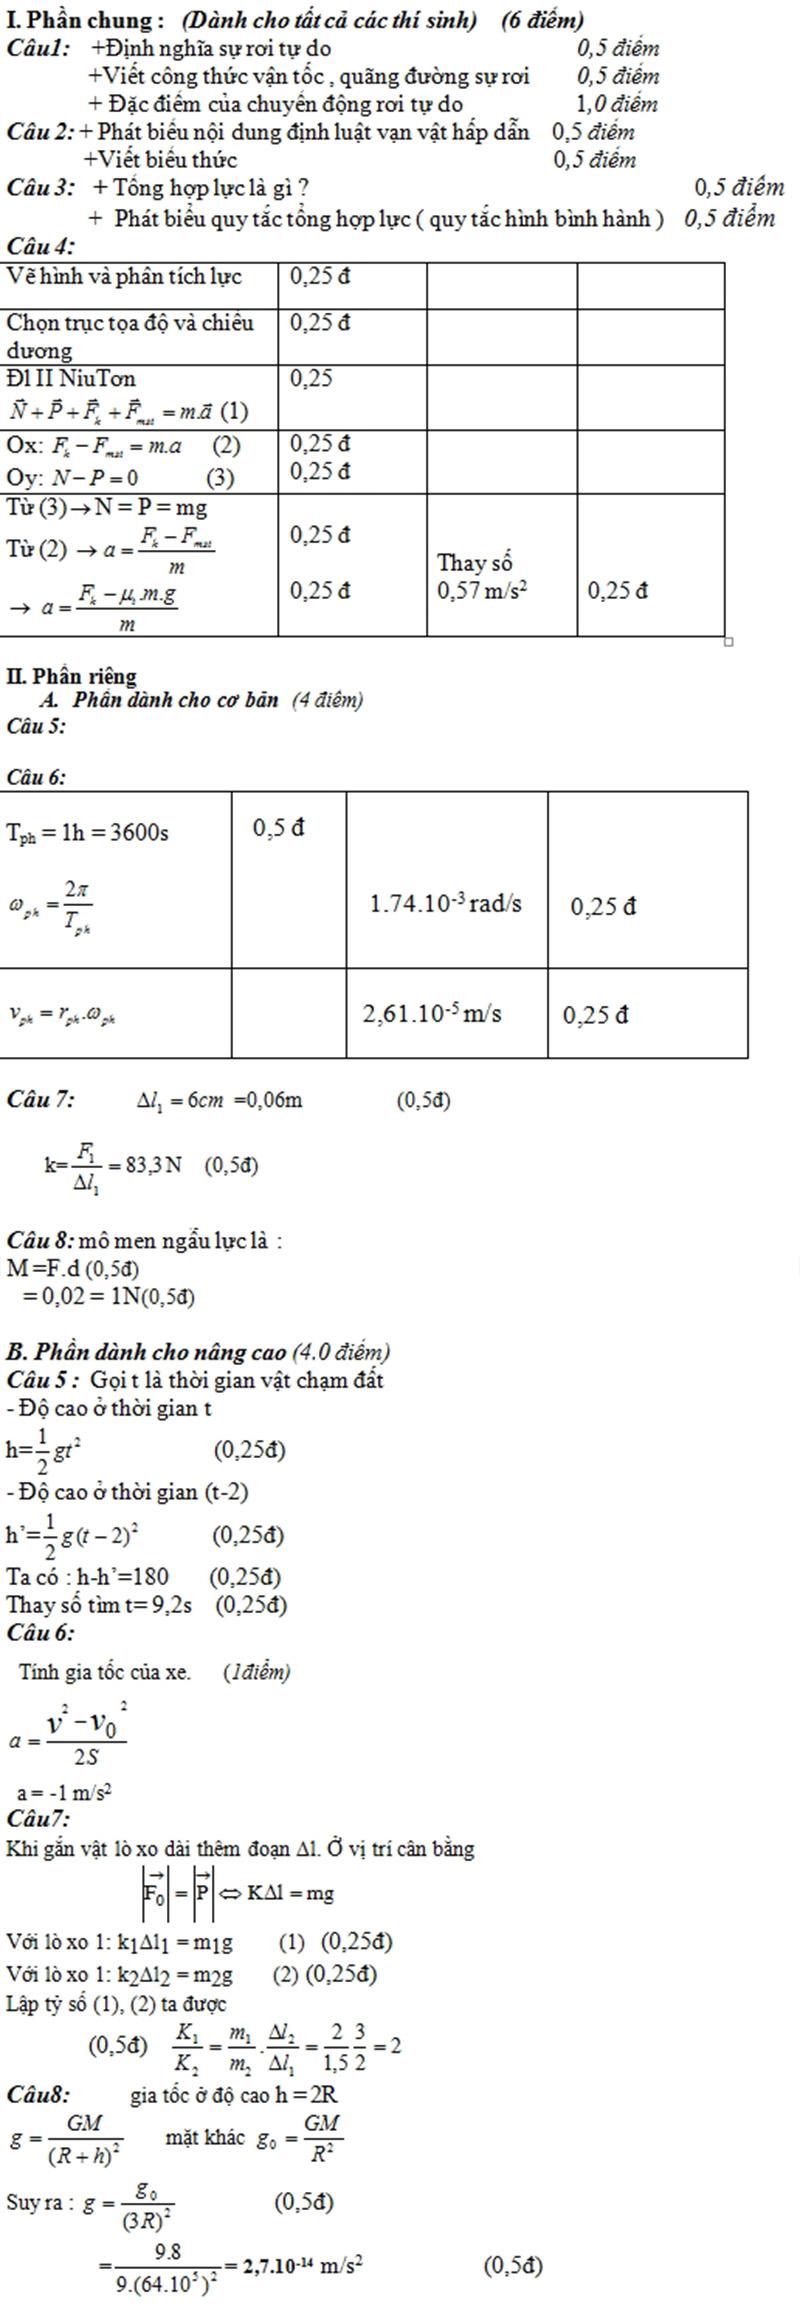 Đề số 5: Đề kiểm tra vật lý lớp 10 học kỳ 1 (có đáp án chi tiết)